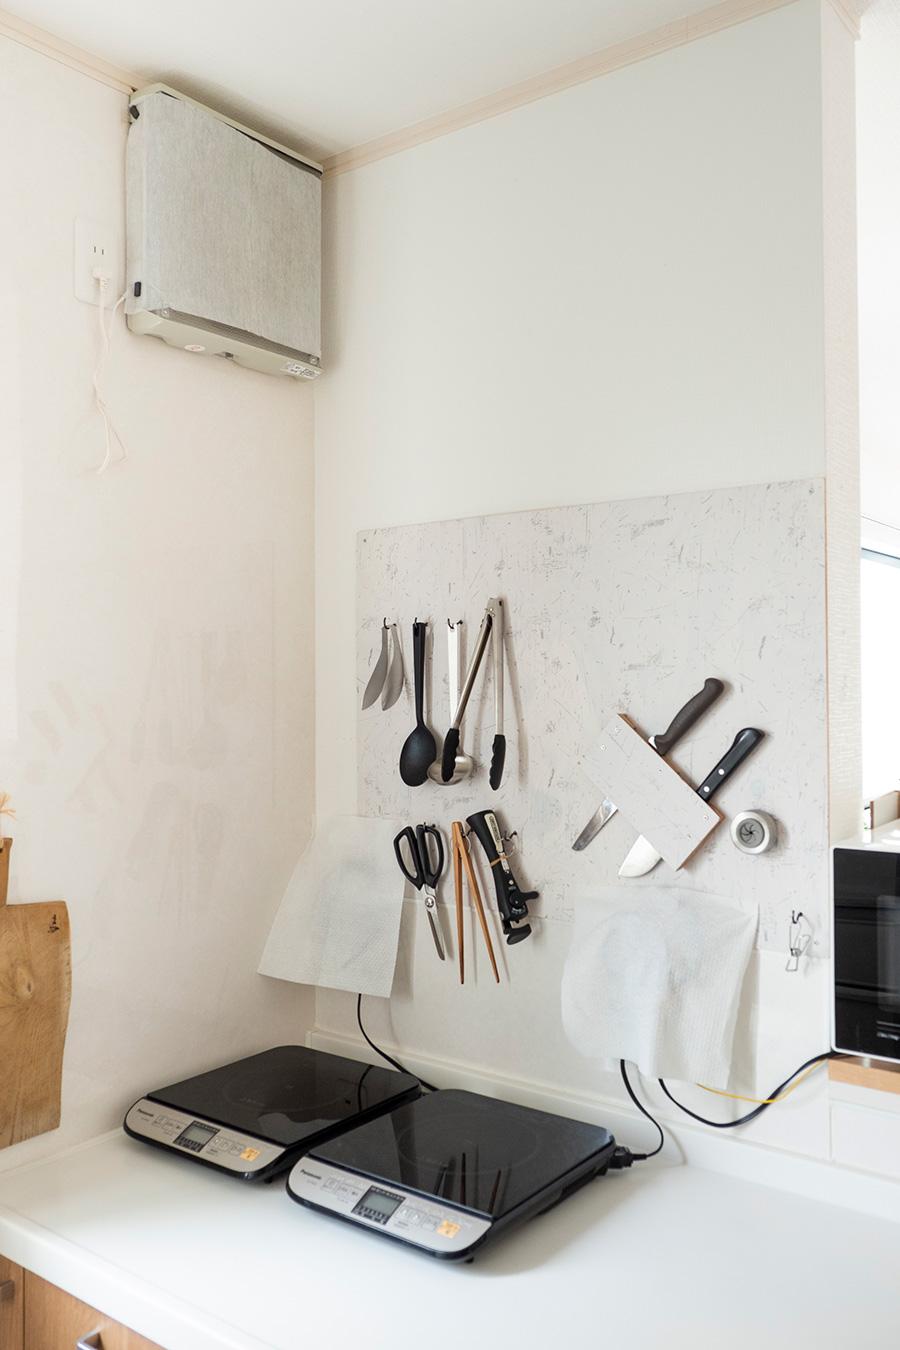 ビルトインの代わりに卓上コンロを選択。使わないときは片づけておけば、広々とした作業スペースが確保できる。レンジフードは換気扇に代えたことで掃除の手間が減り、見た目もシンプルになった。